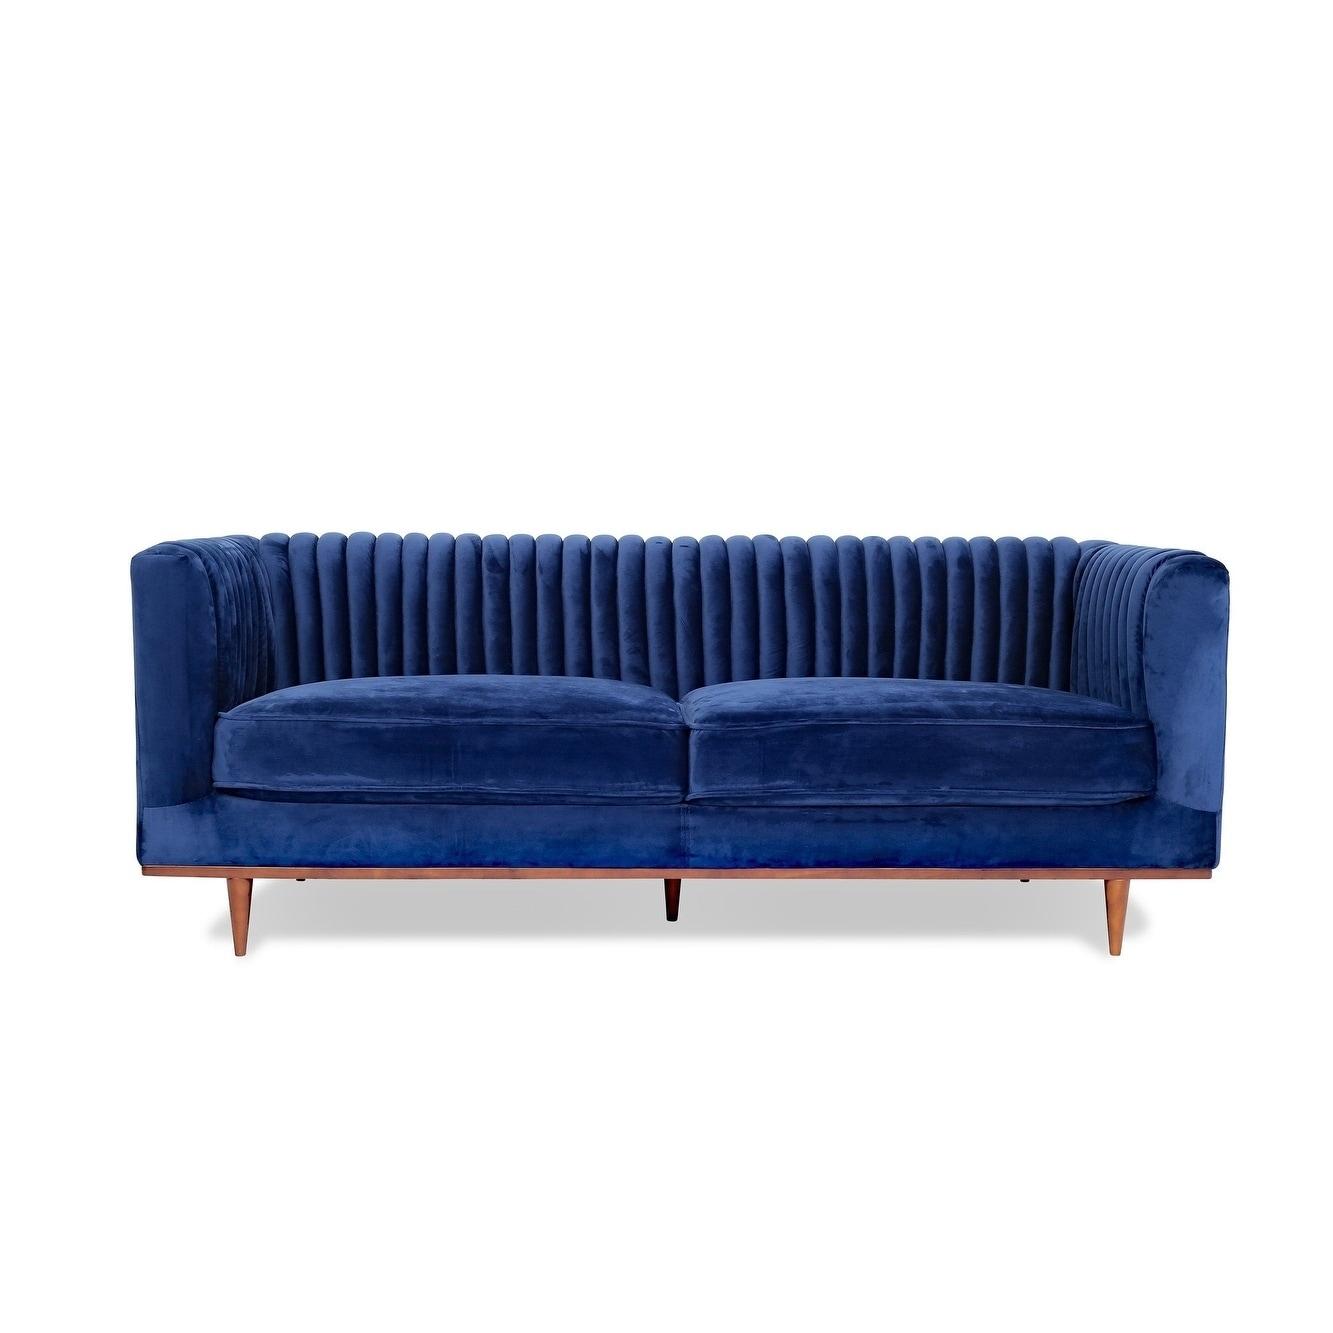 Shop Jada Blue Velvet Sofa Midcentury Modern Sofa For Living Room